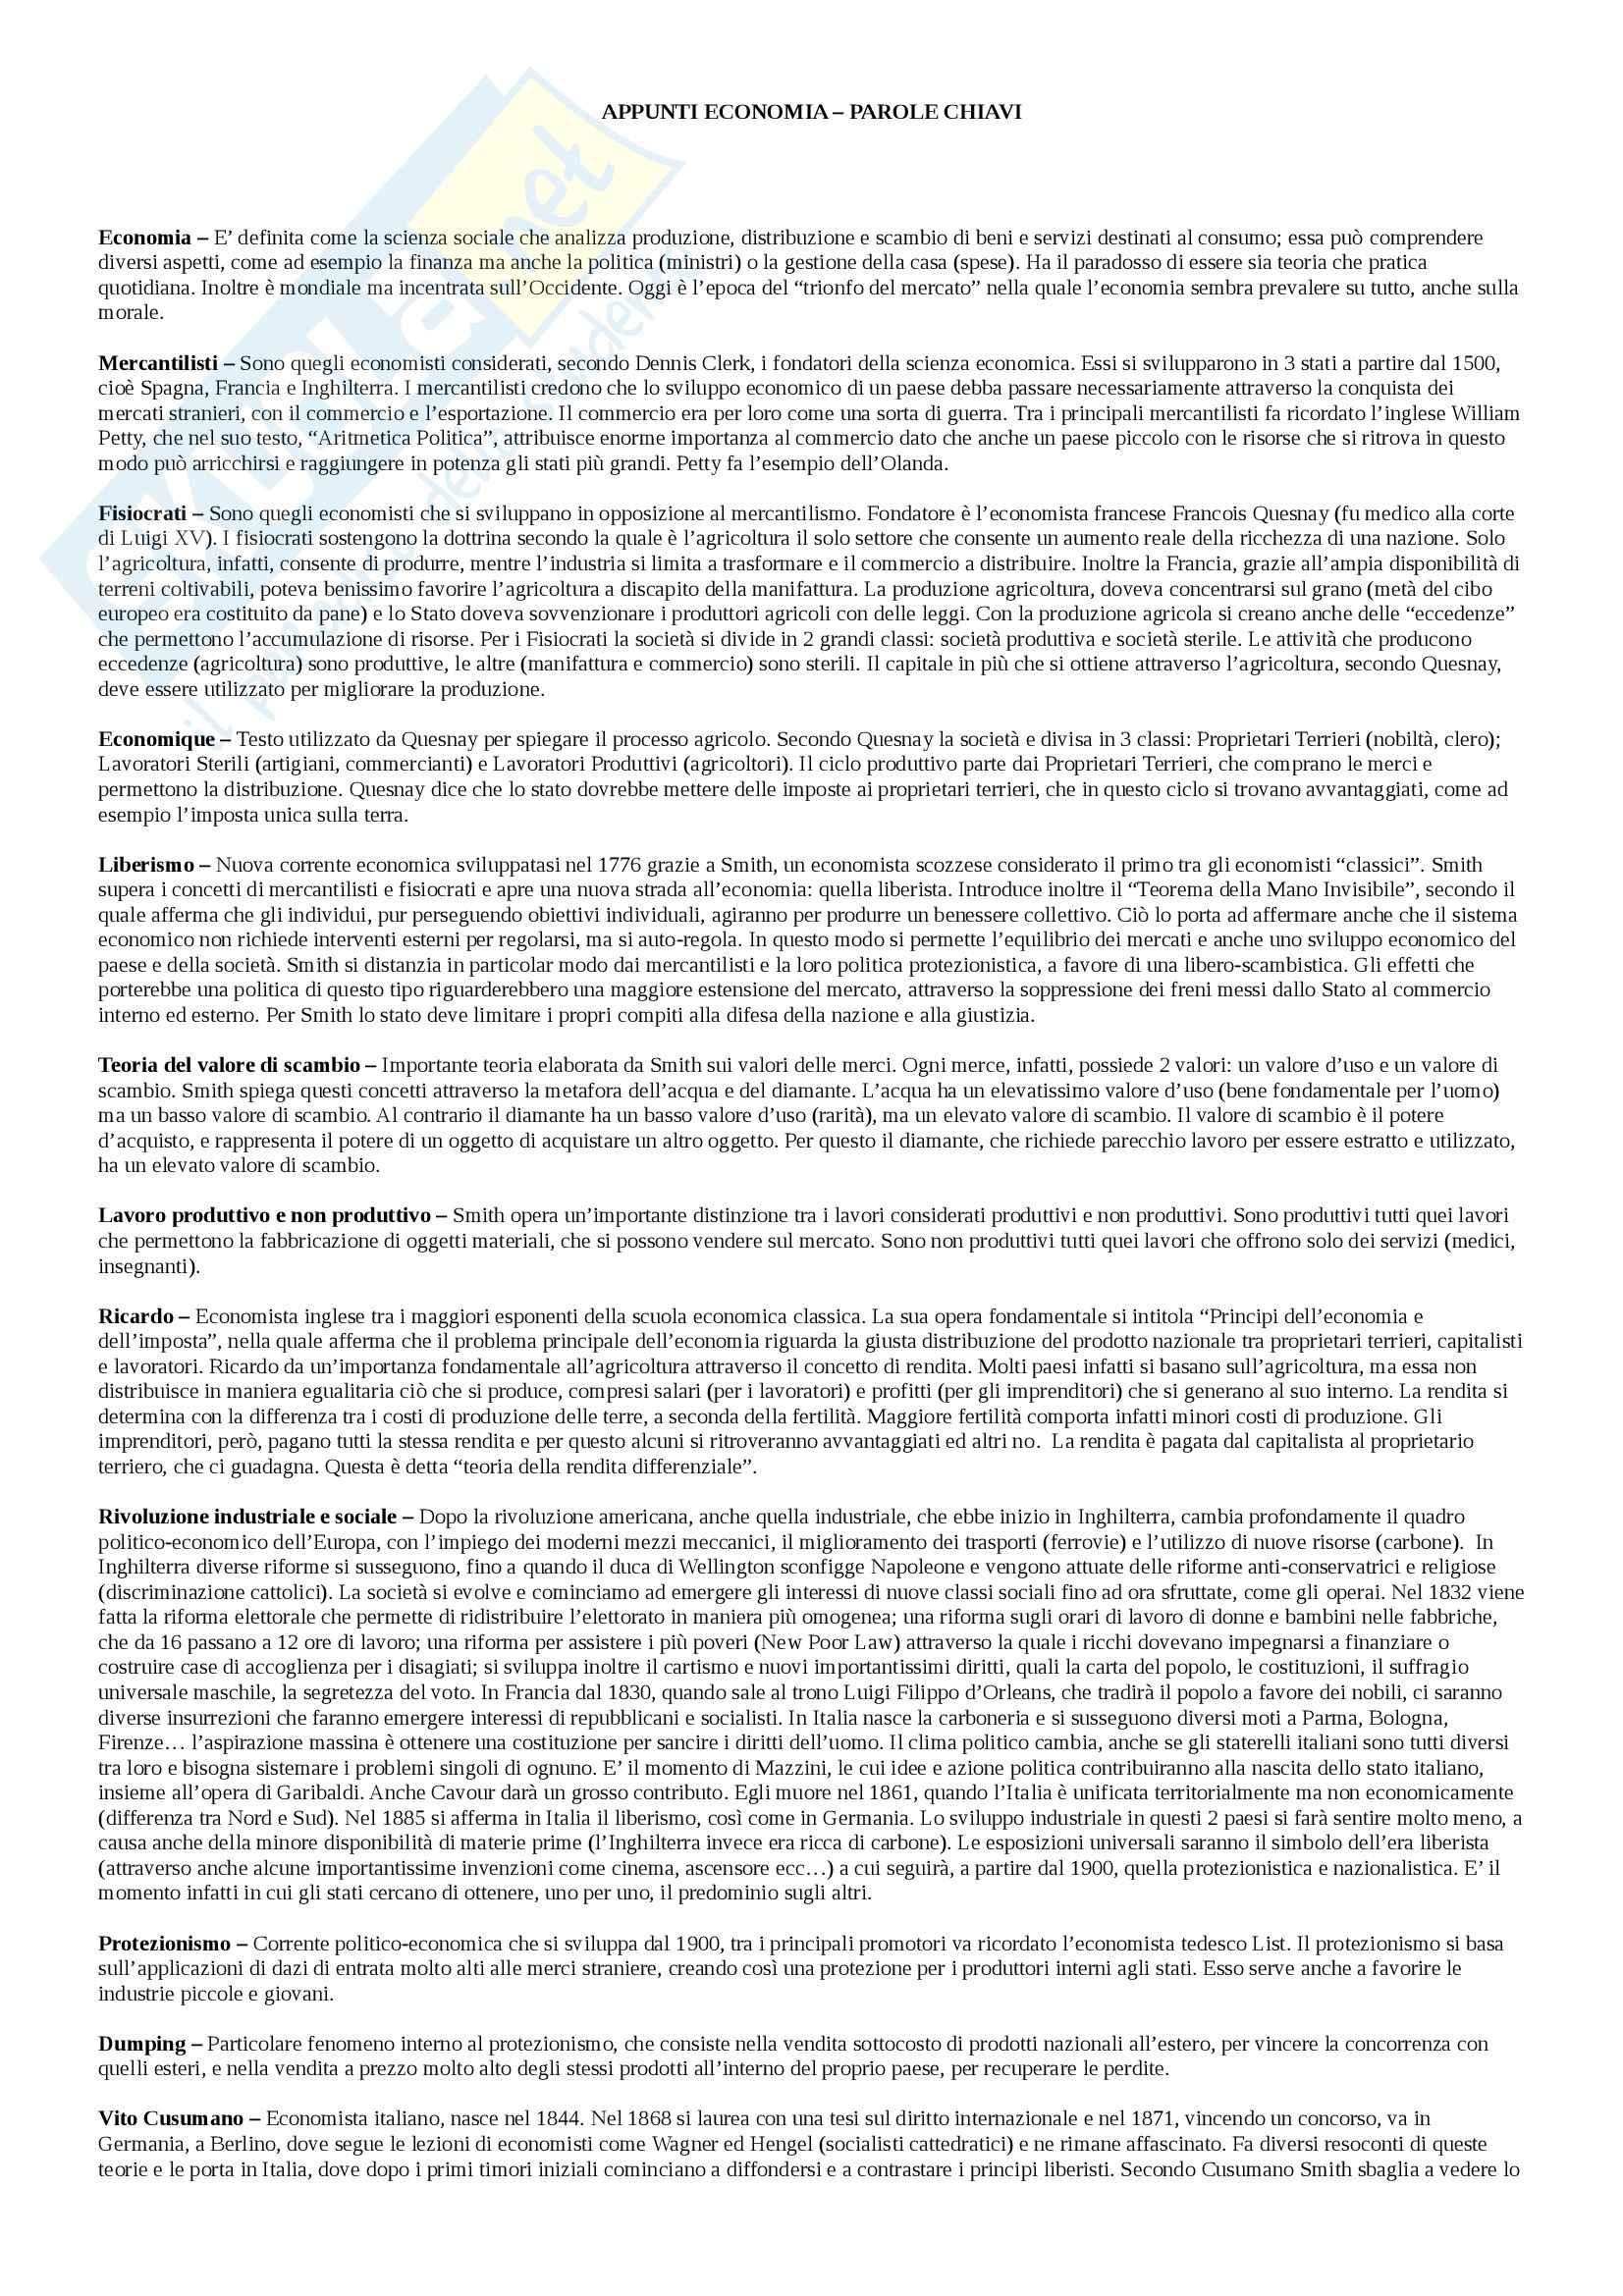 Costruzione di un sapere sociale: Appunti di Economia